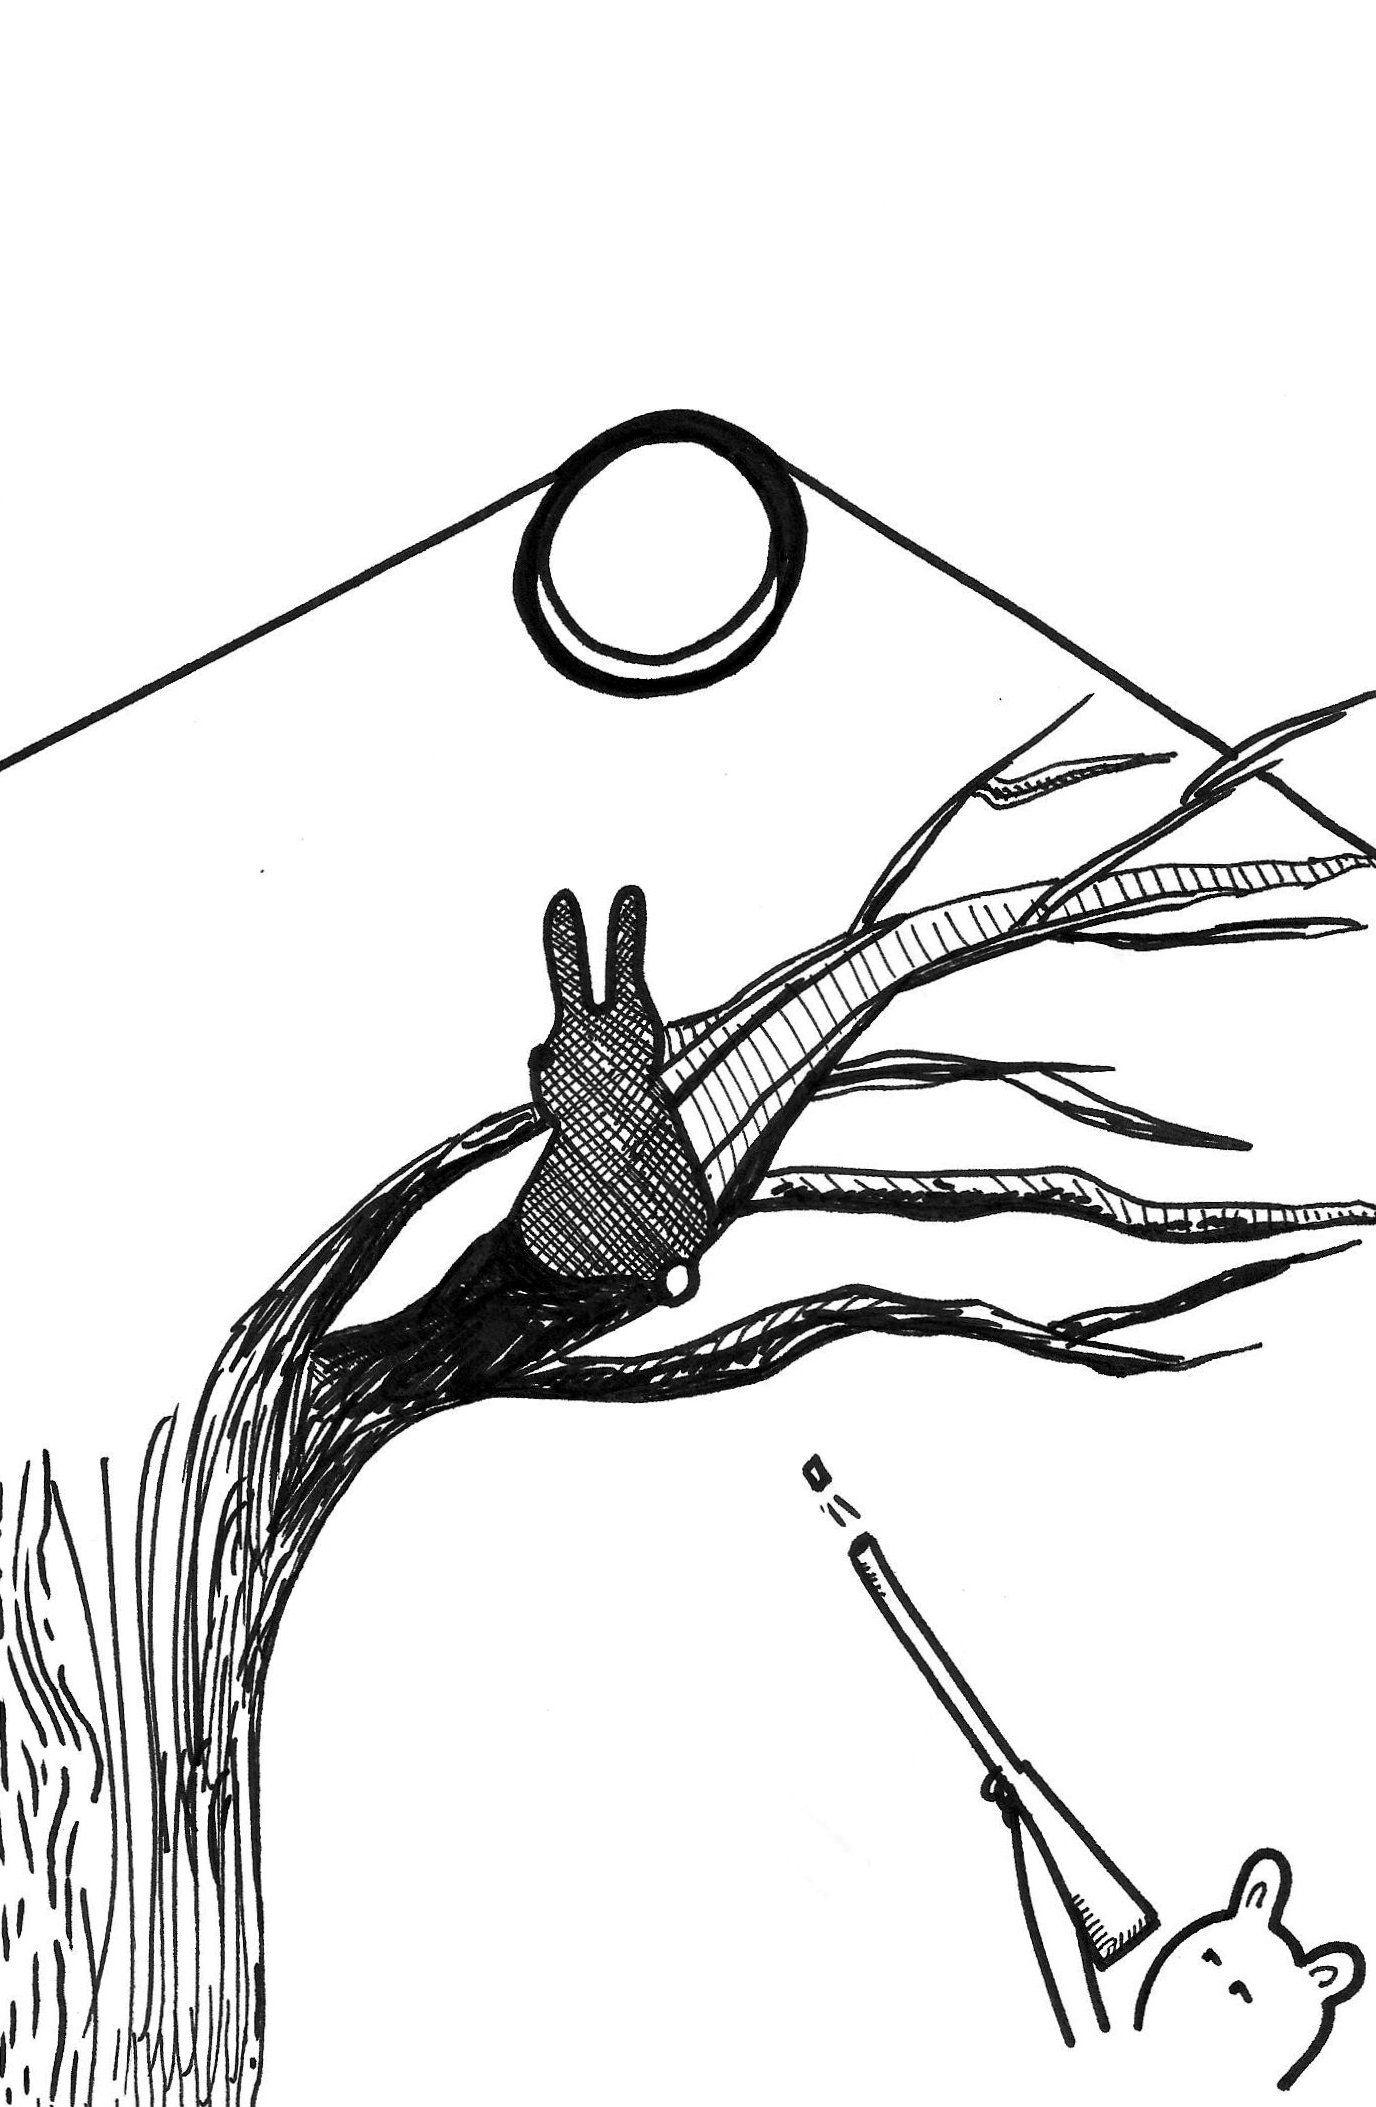 Caza De Conejos Pittadevi Caza De Conejos Ilustraciones Dibujos